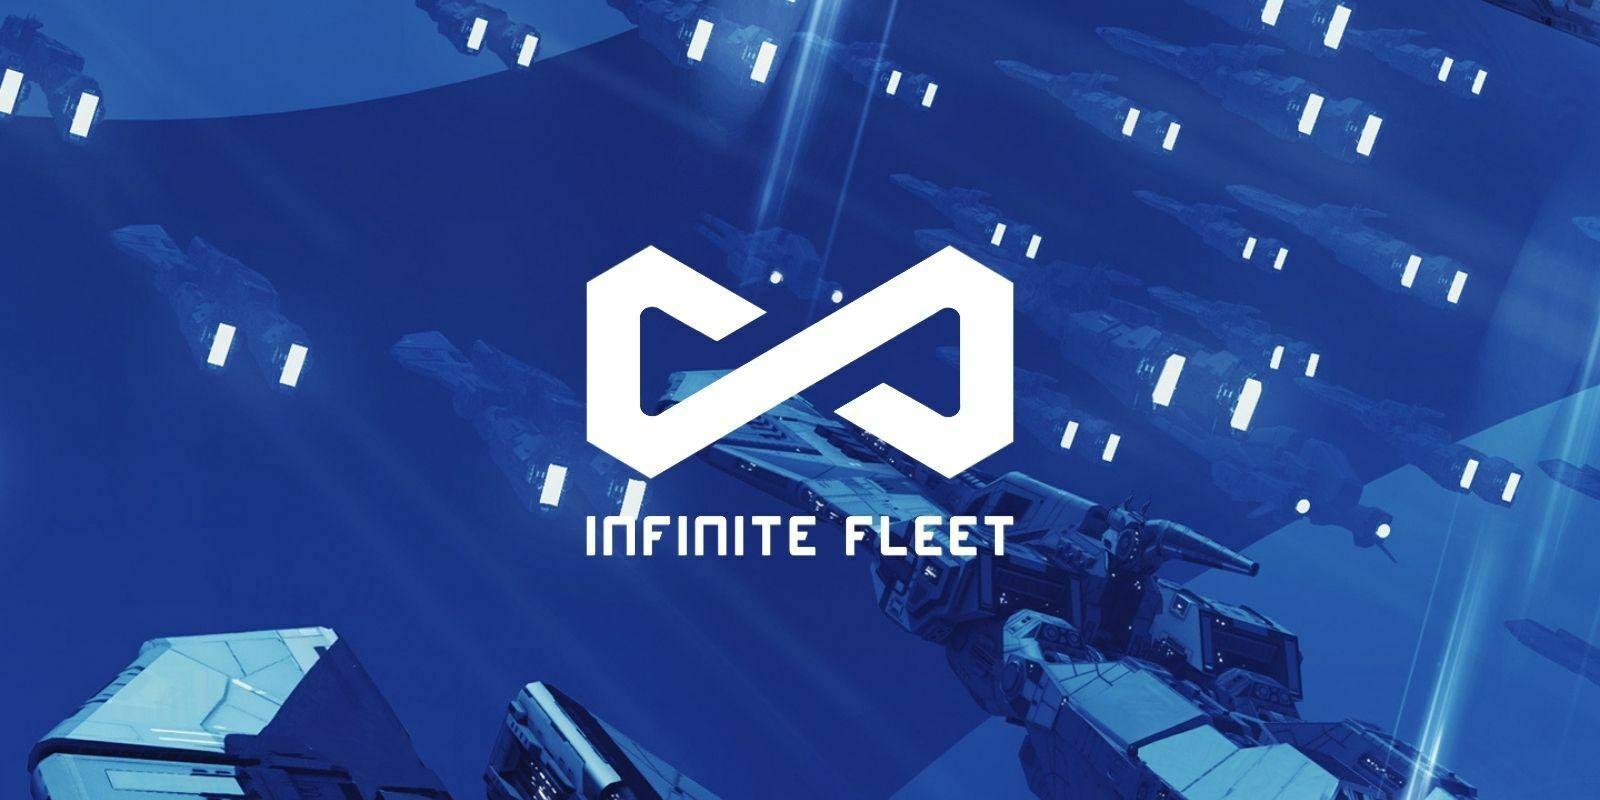 Investissez dans le gaming avec Infinite Fleet, un jeu blockchain dont l'économie repose sur une cryptomonnaie